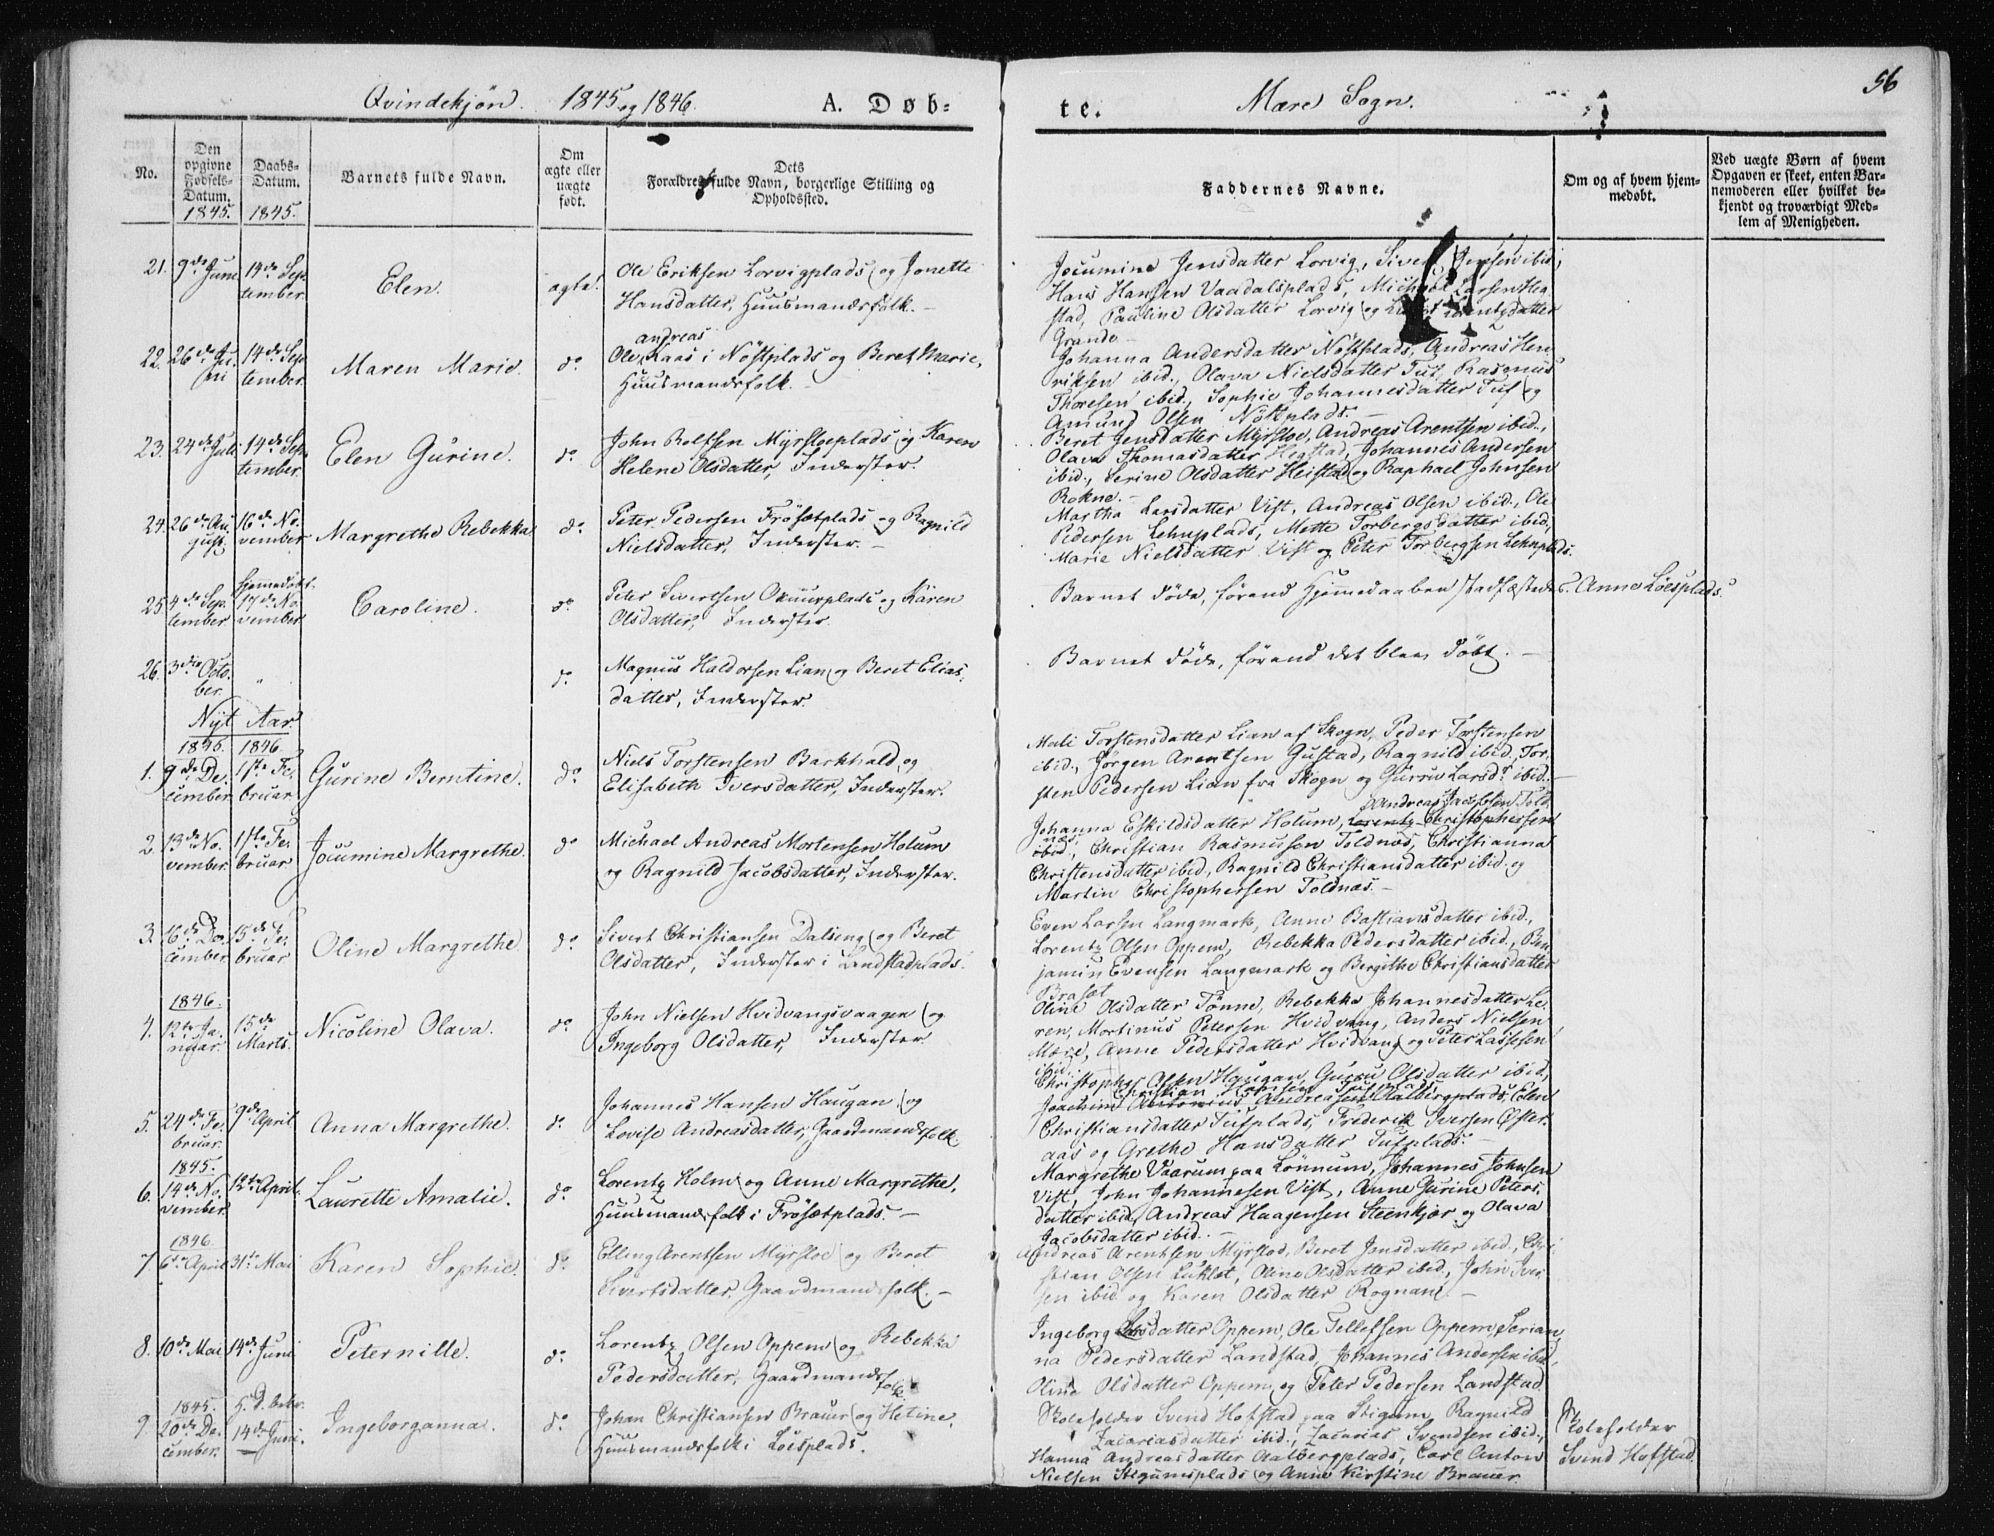 SAT, Ministerialprotokoller, klokkerbøker og fødselsregistre - Nord-Trøndelag, 735/L0339: Ministerialbok nr. 735A06 /1, 1836-1848, s. 56